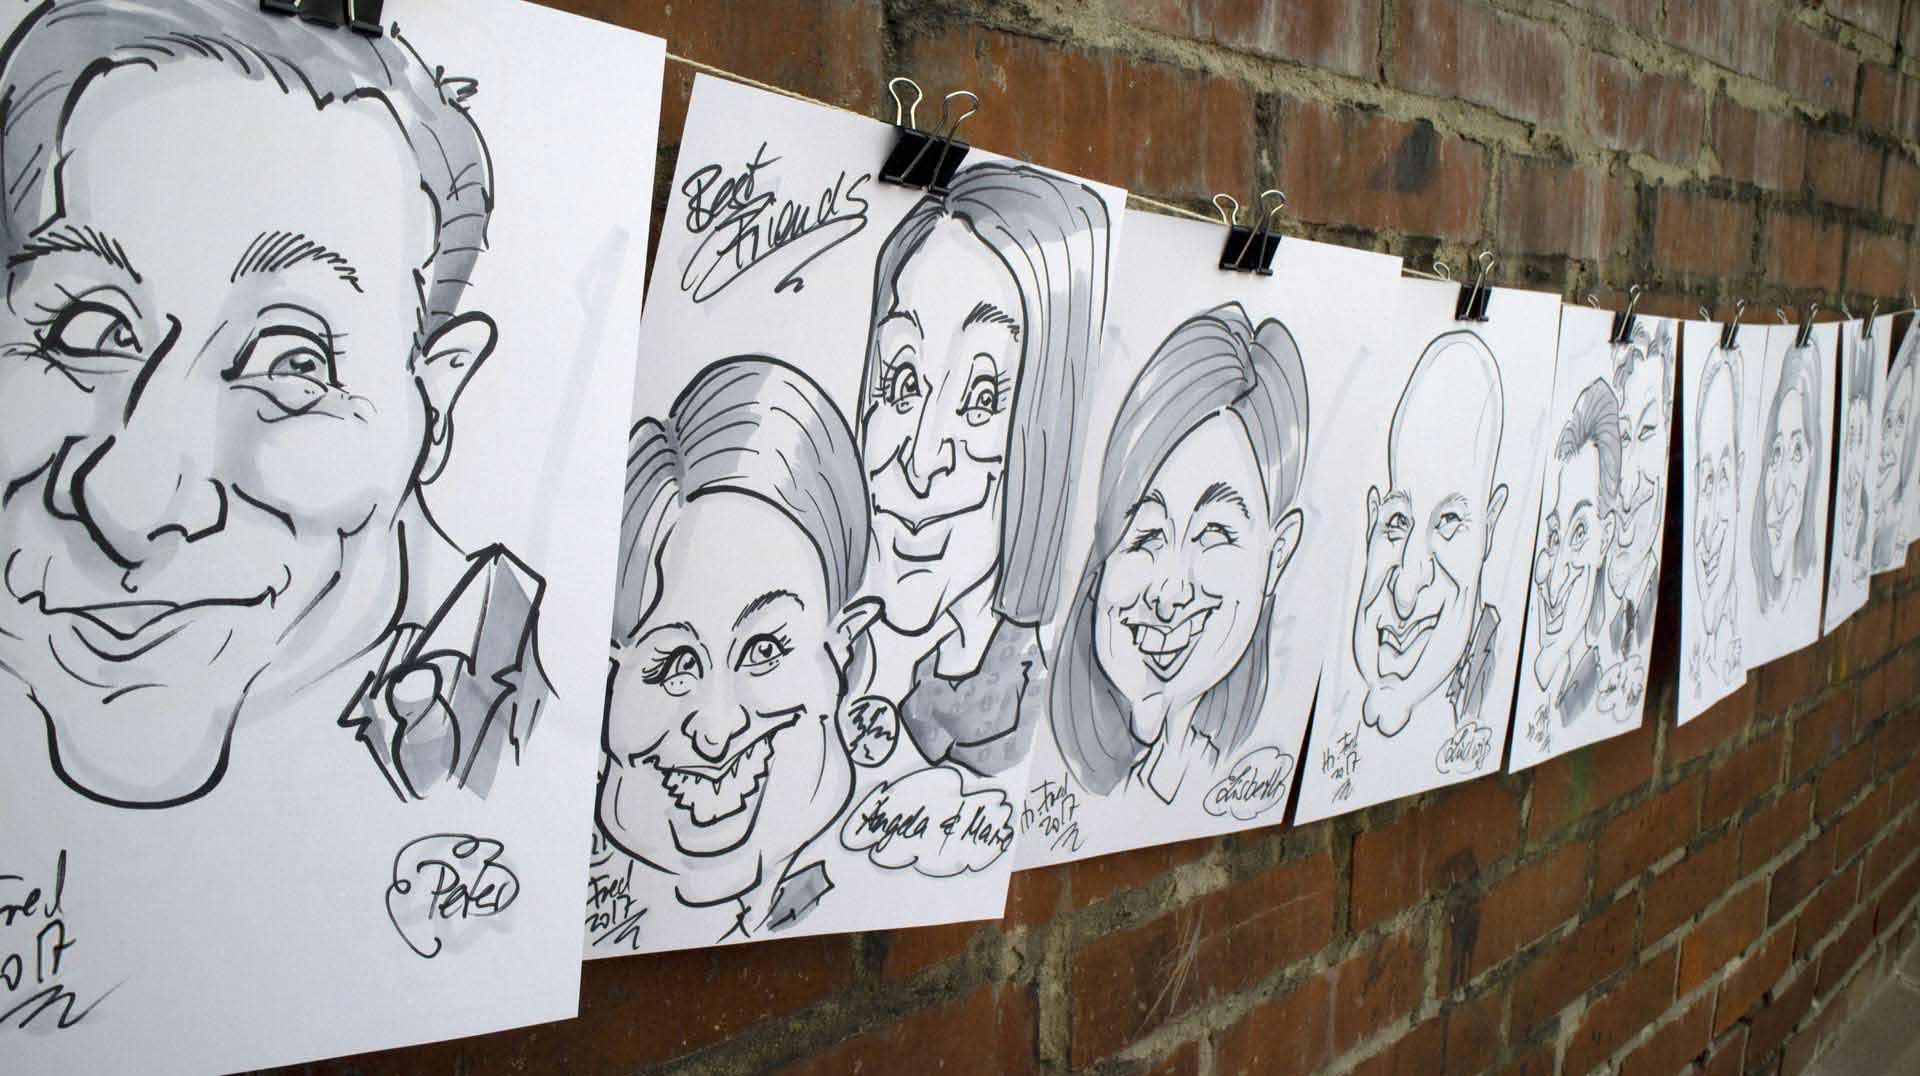 12-15 Karikaturen in der Stunde